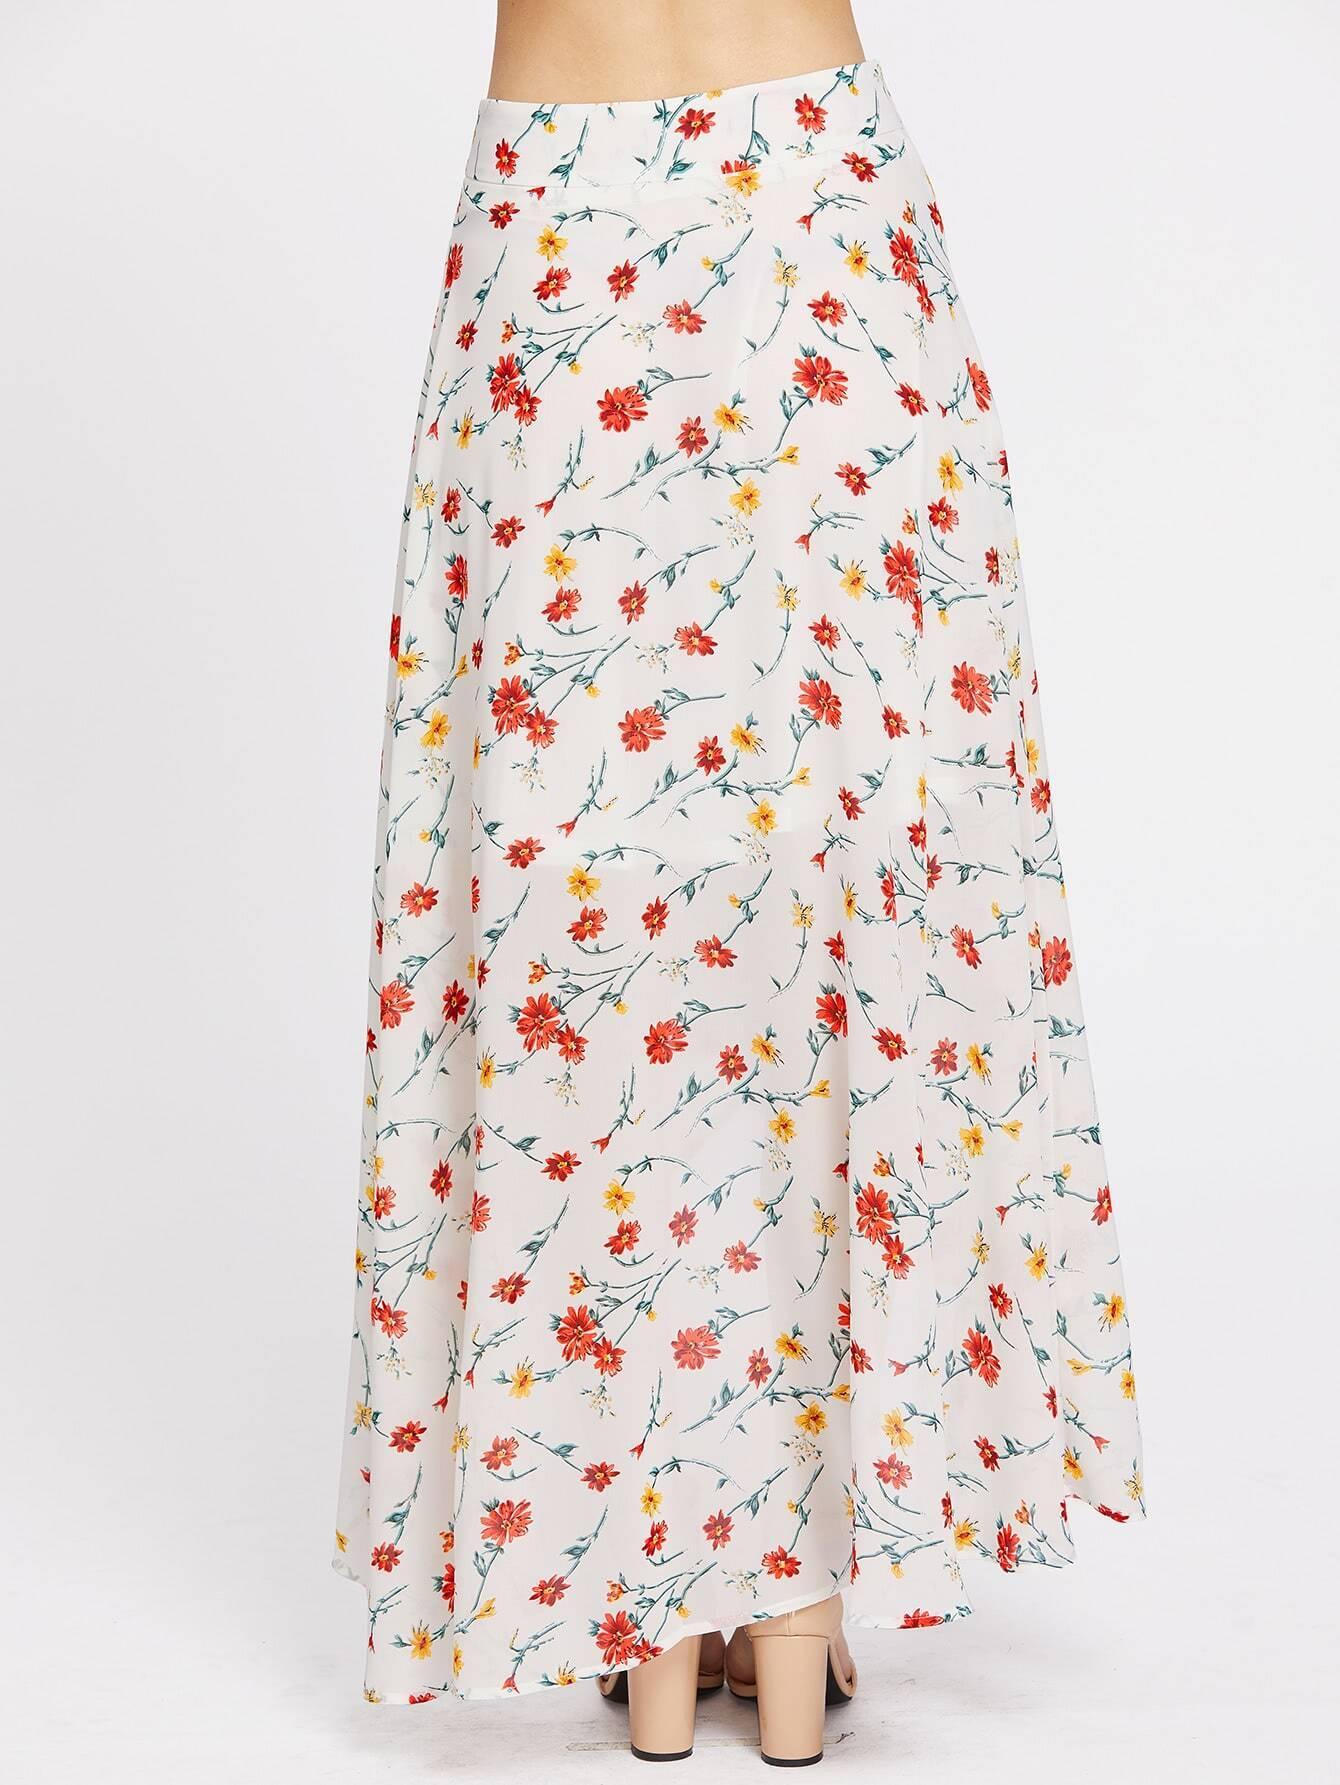 high low hemlines floral zipper side skirt shein sheinside